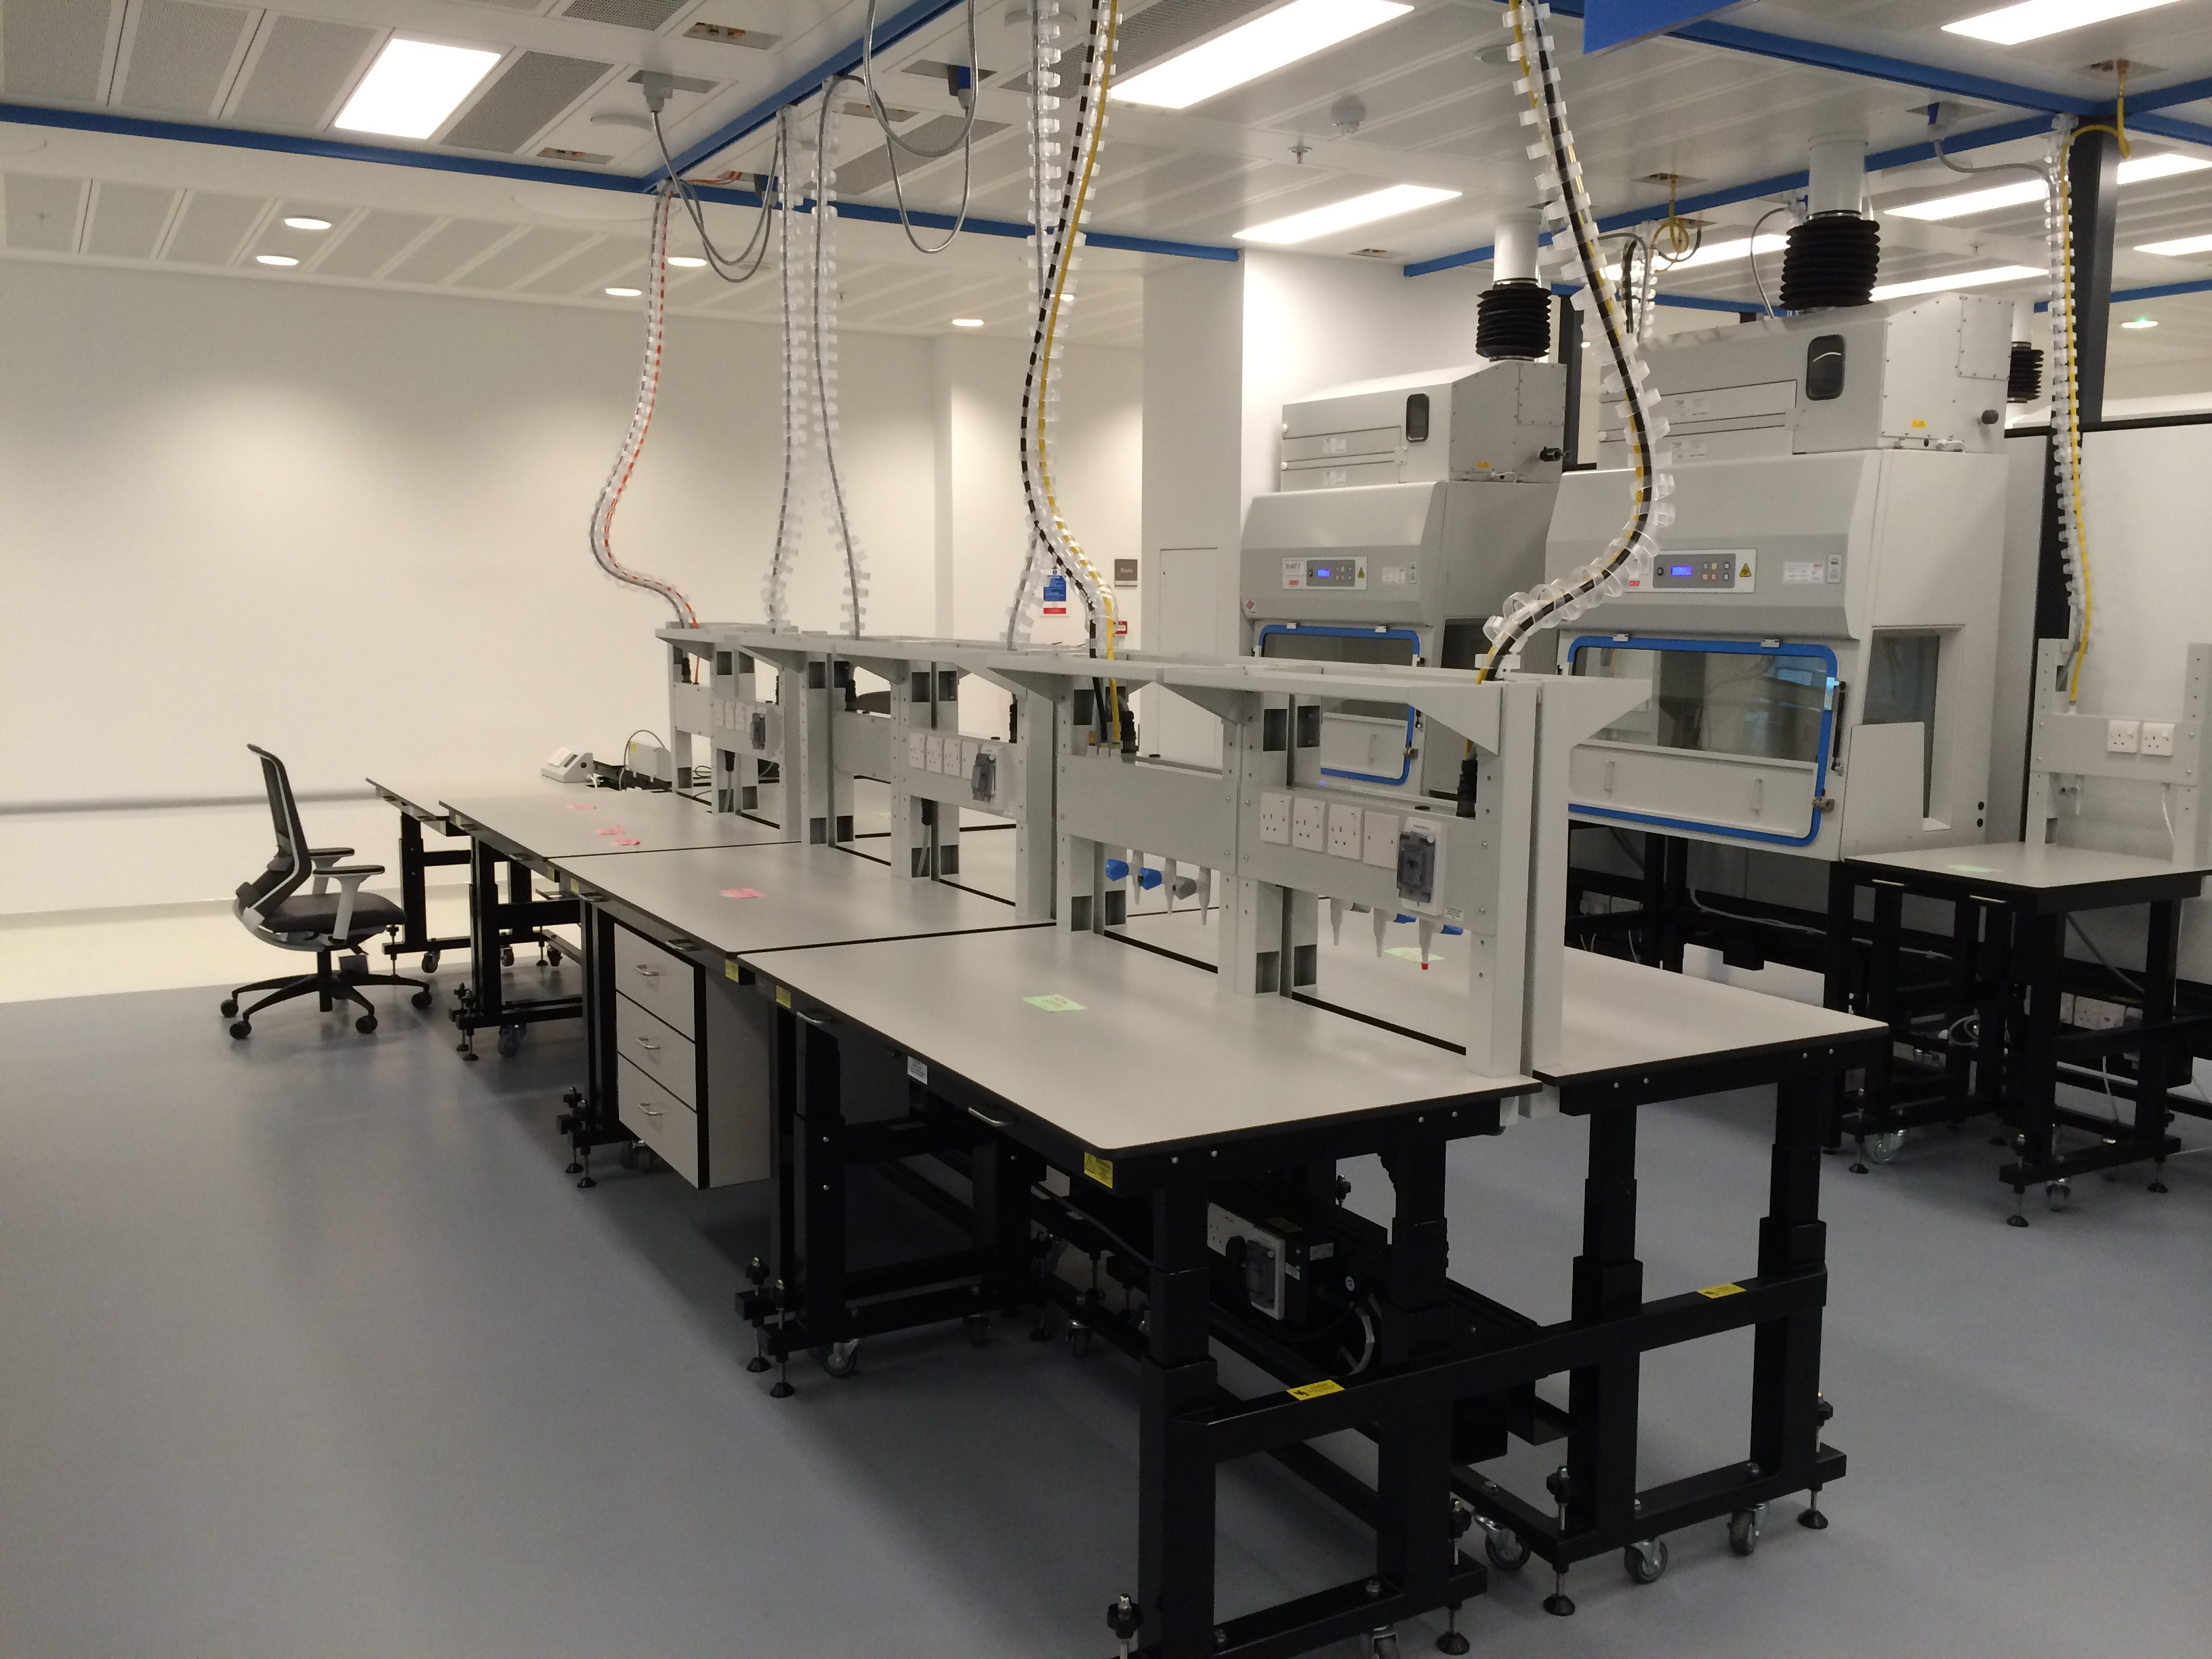 W.E. Marson flexi-lab furniture